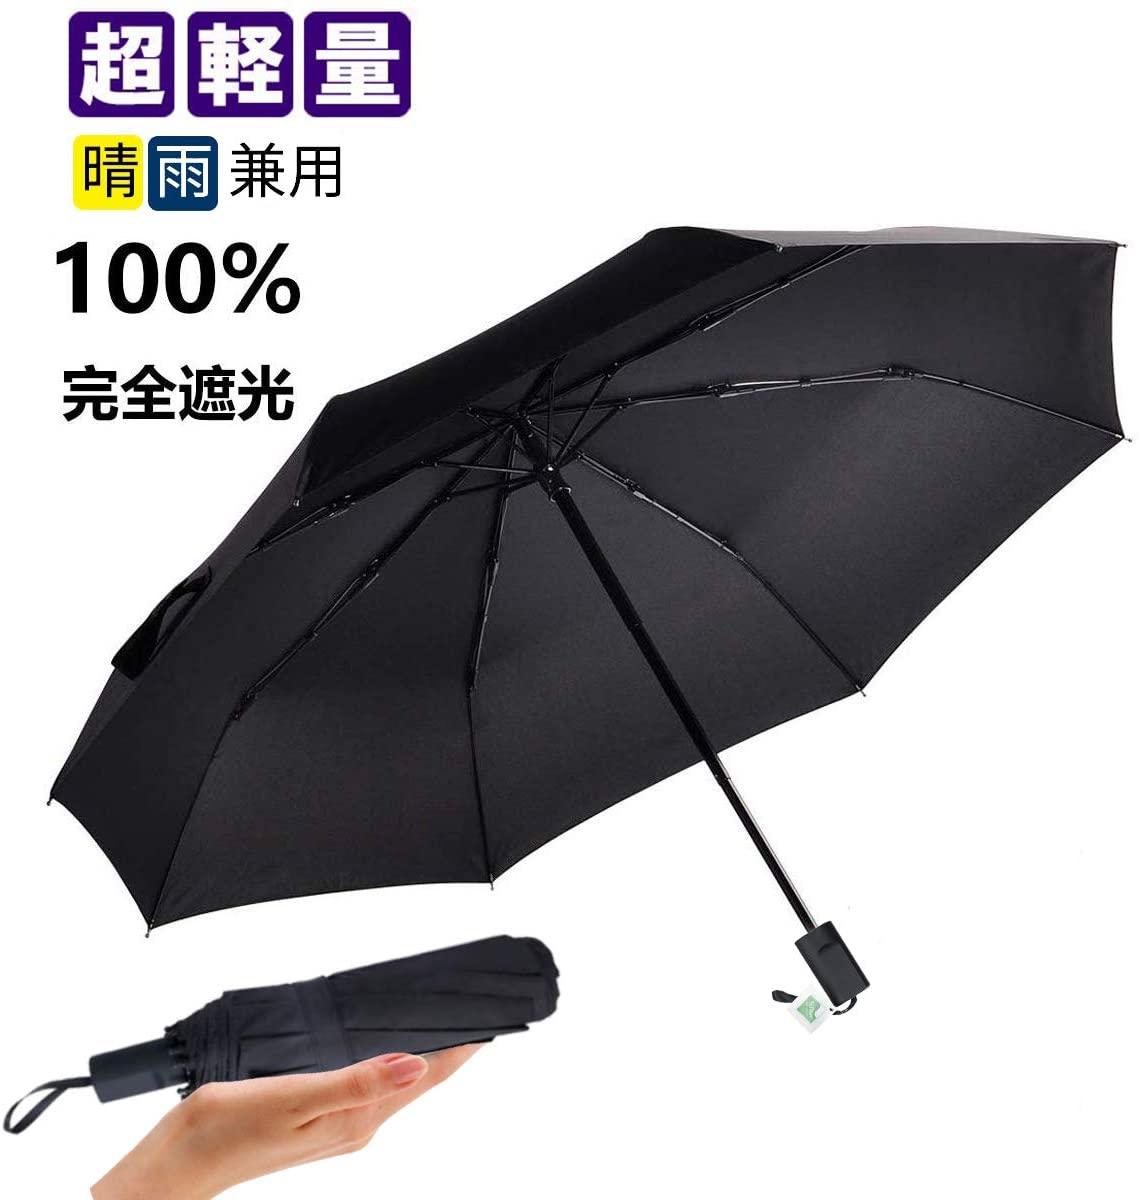 Anbella(アンベラ) 折りたたみ傘 日傘 メンズの商品画像